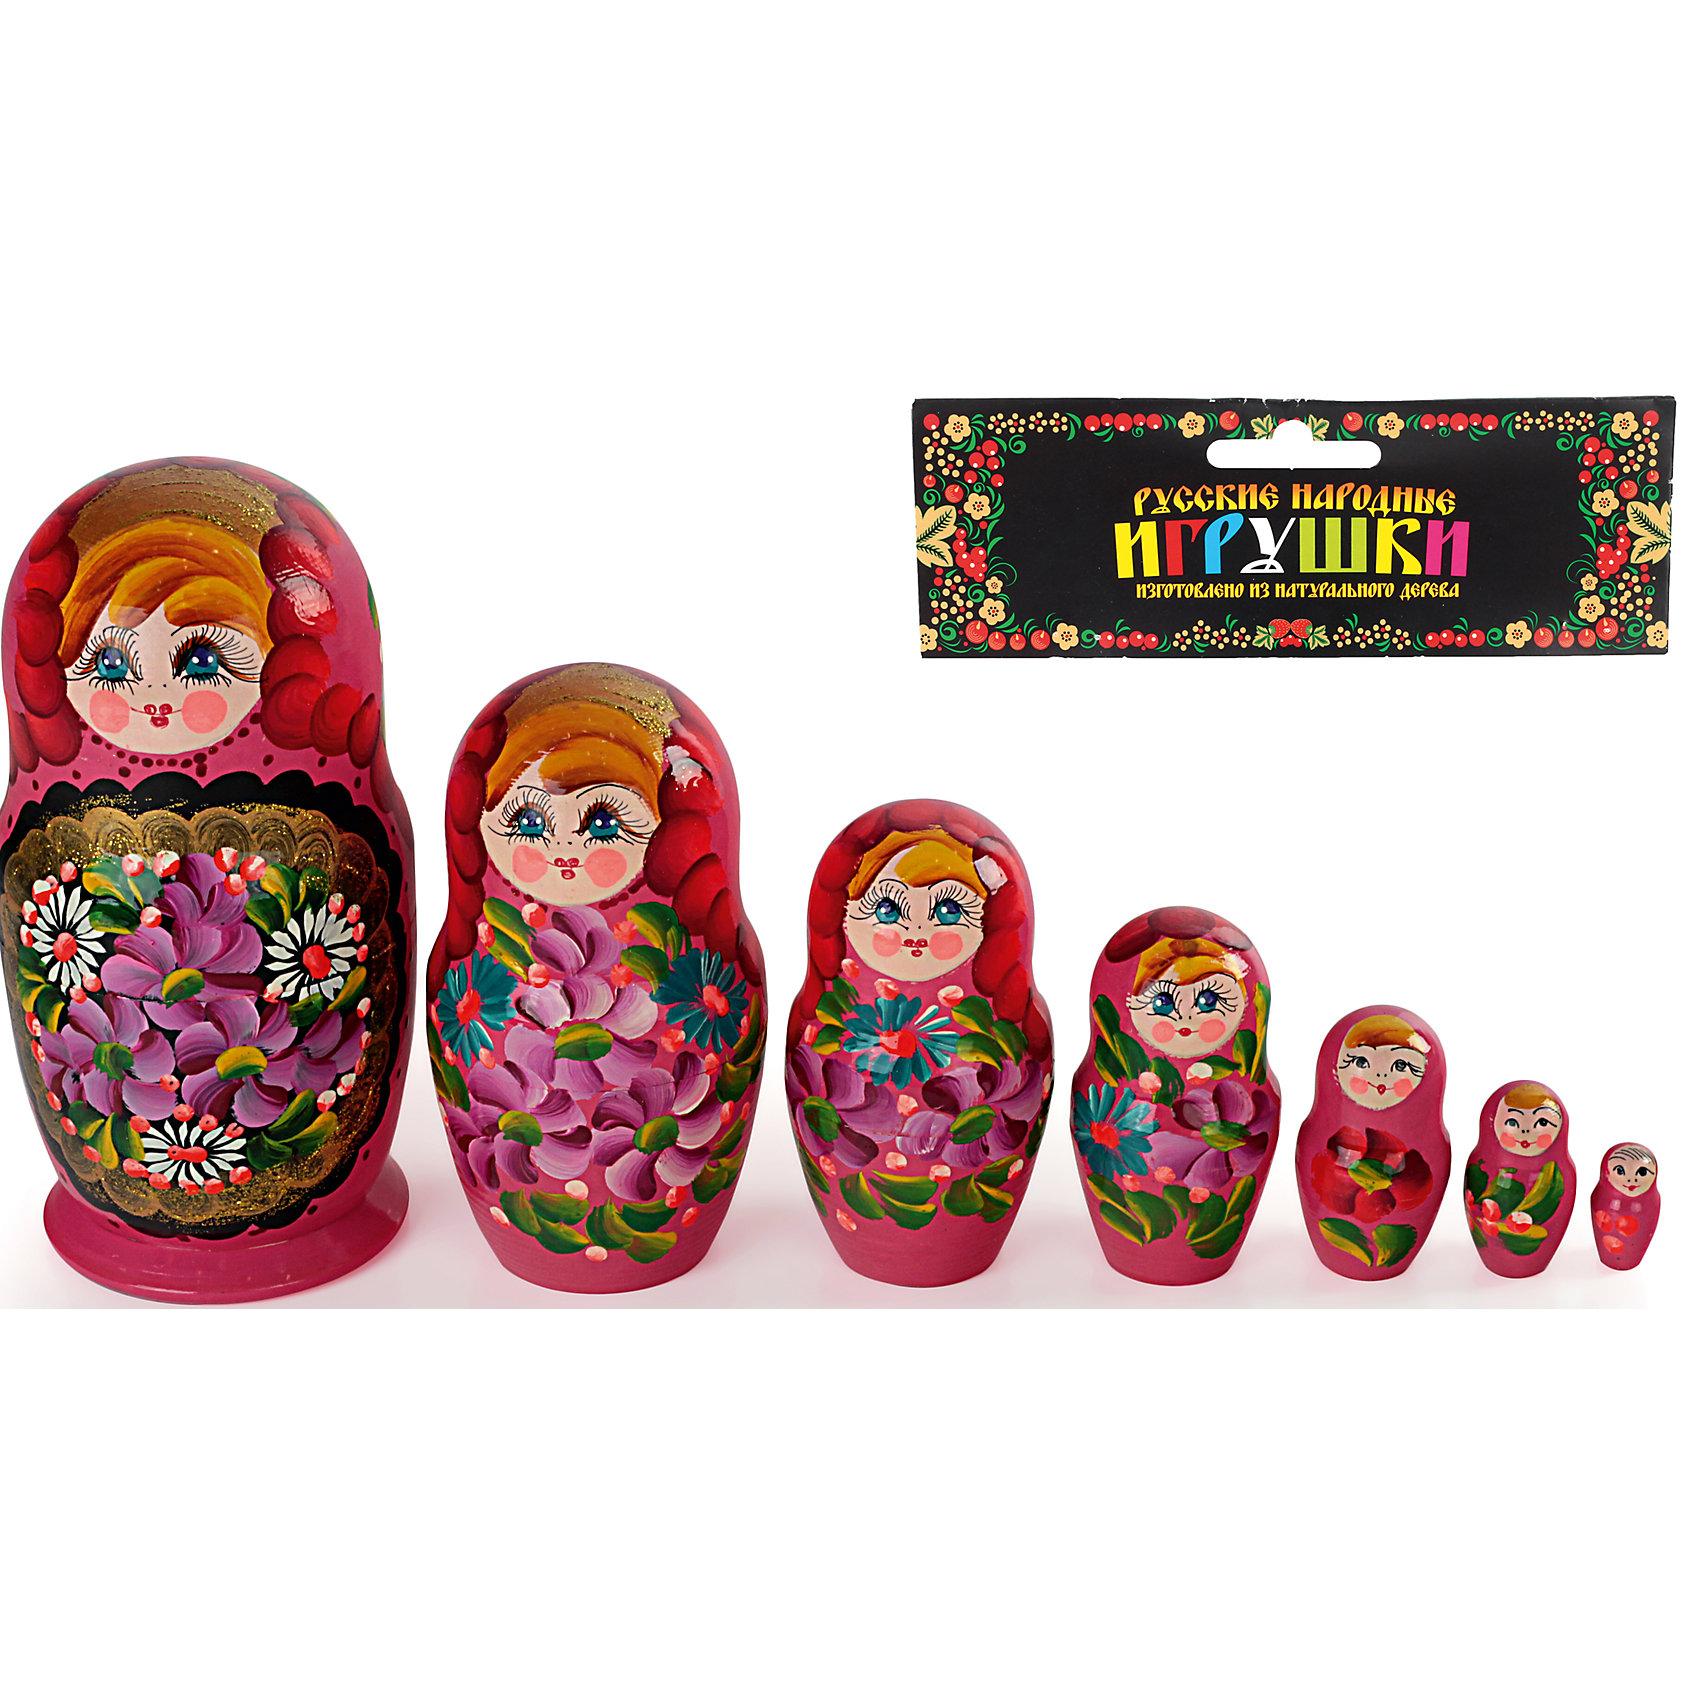 - Матрешка 7 в 1 расписная, Бэмби деревянные игрушки бэмби матрешка красная шапочка 7705